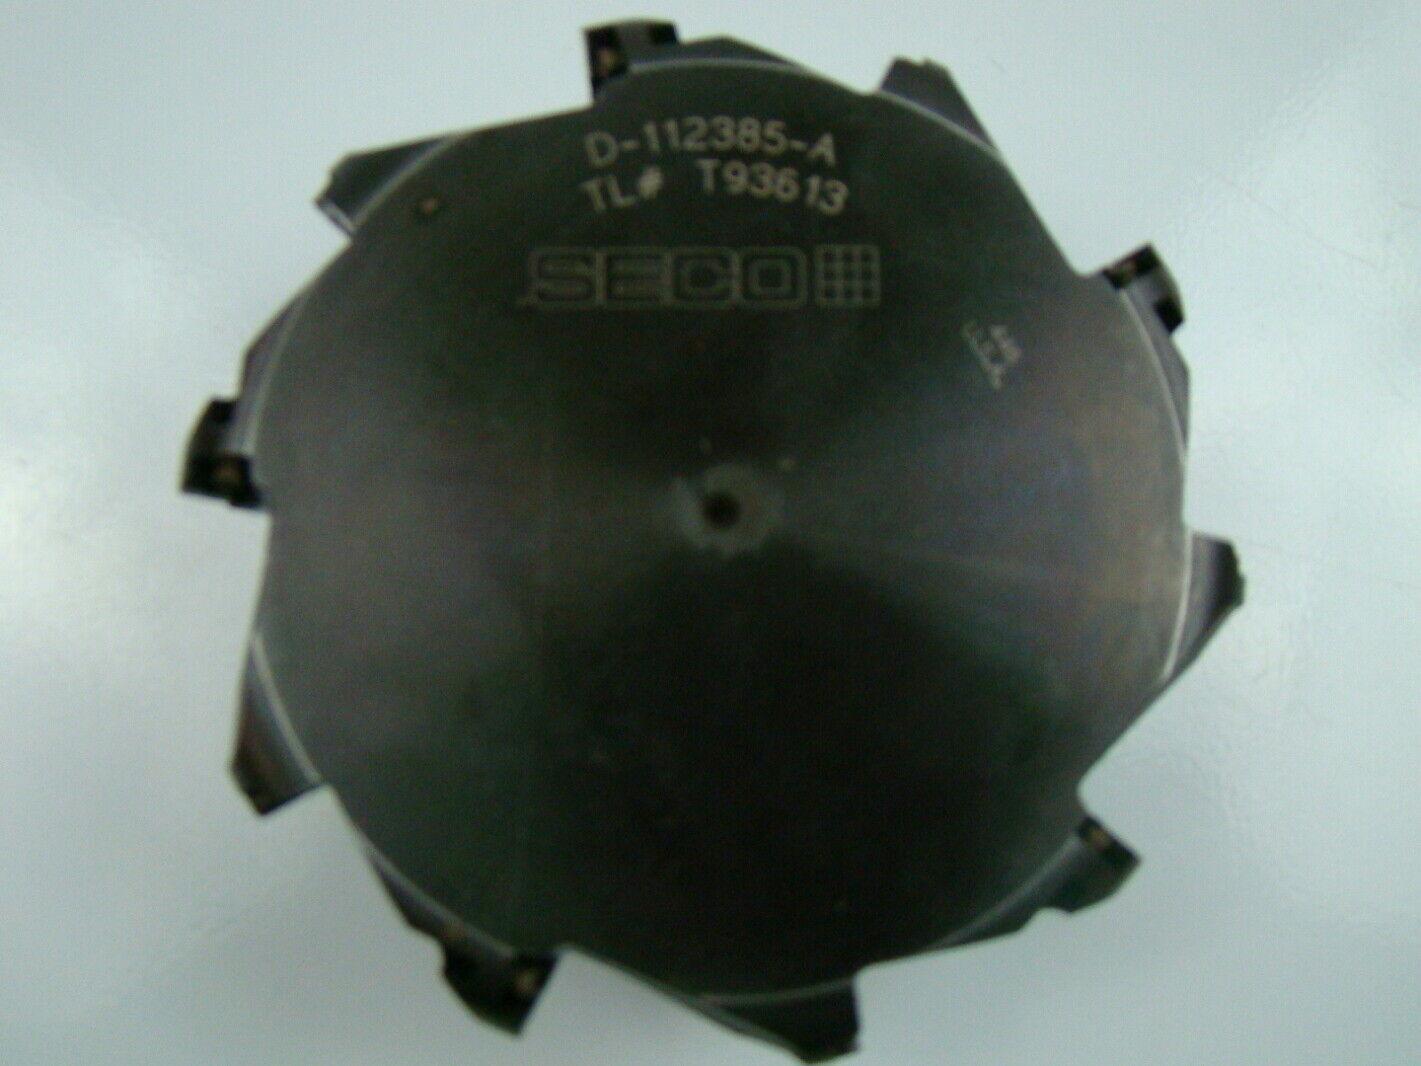 SECO Milling Cutter D-112385-A TL# T93613